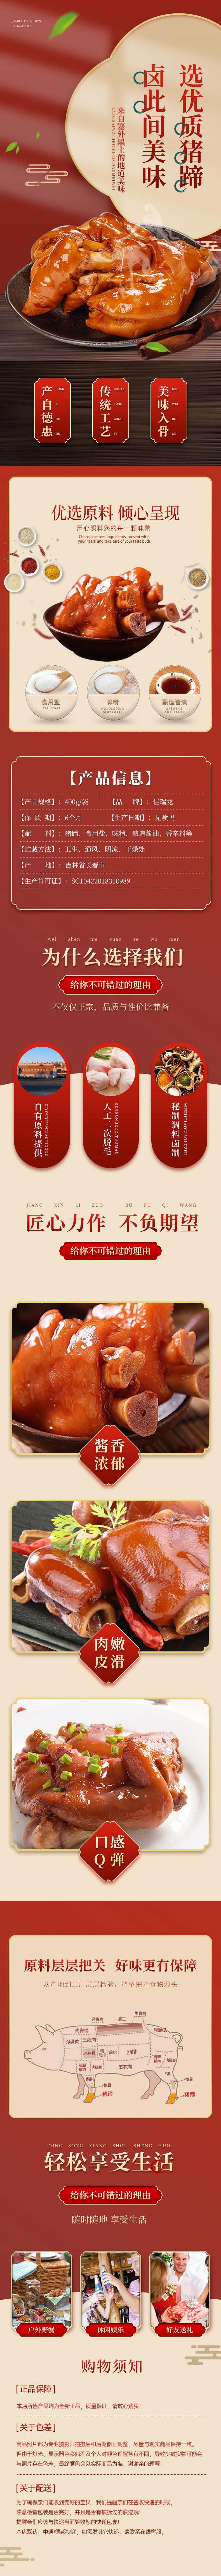 鹵香豬蹄詳情頁新_看圖王_看圖王.jpg